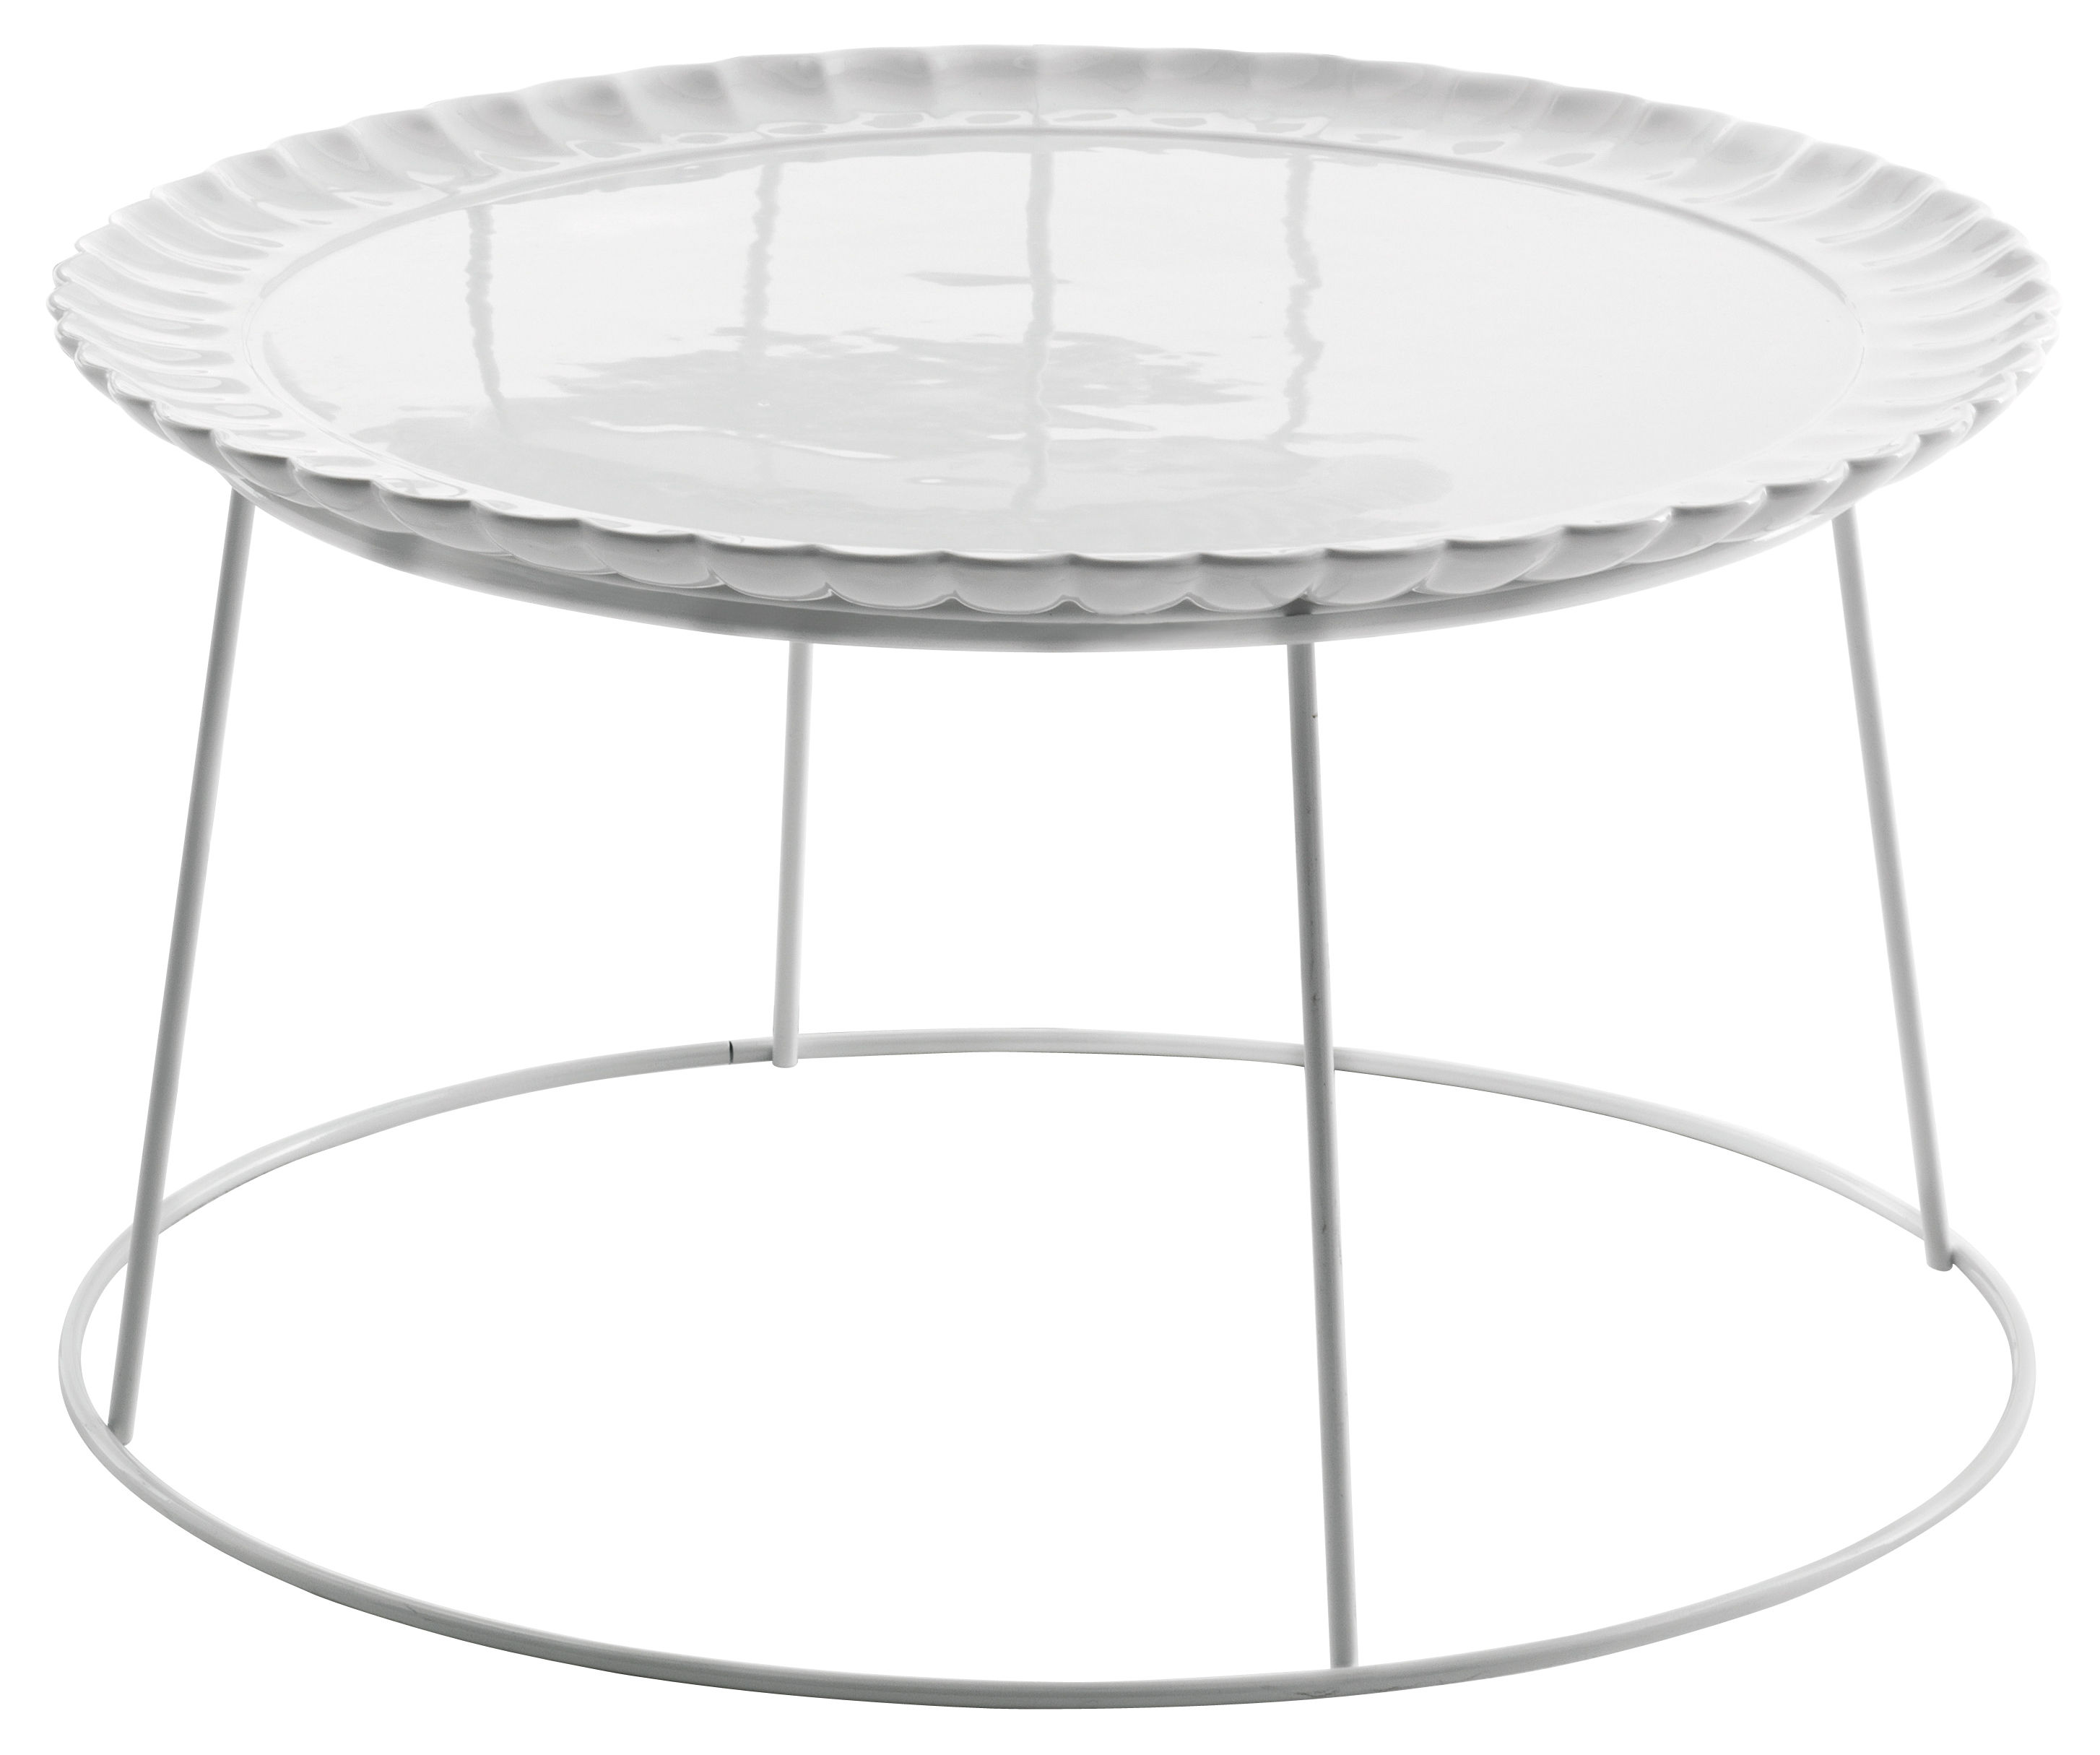 Mobilier - Tables basses - Table basse Il piato e' servito / Ø 60 cm - Plateau céramique amovible - Mogg - Blanc - Céramique, Métal laqué